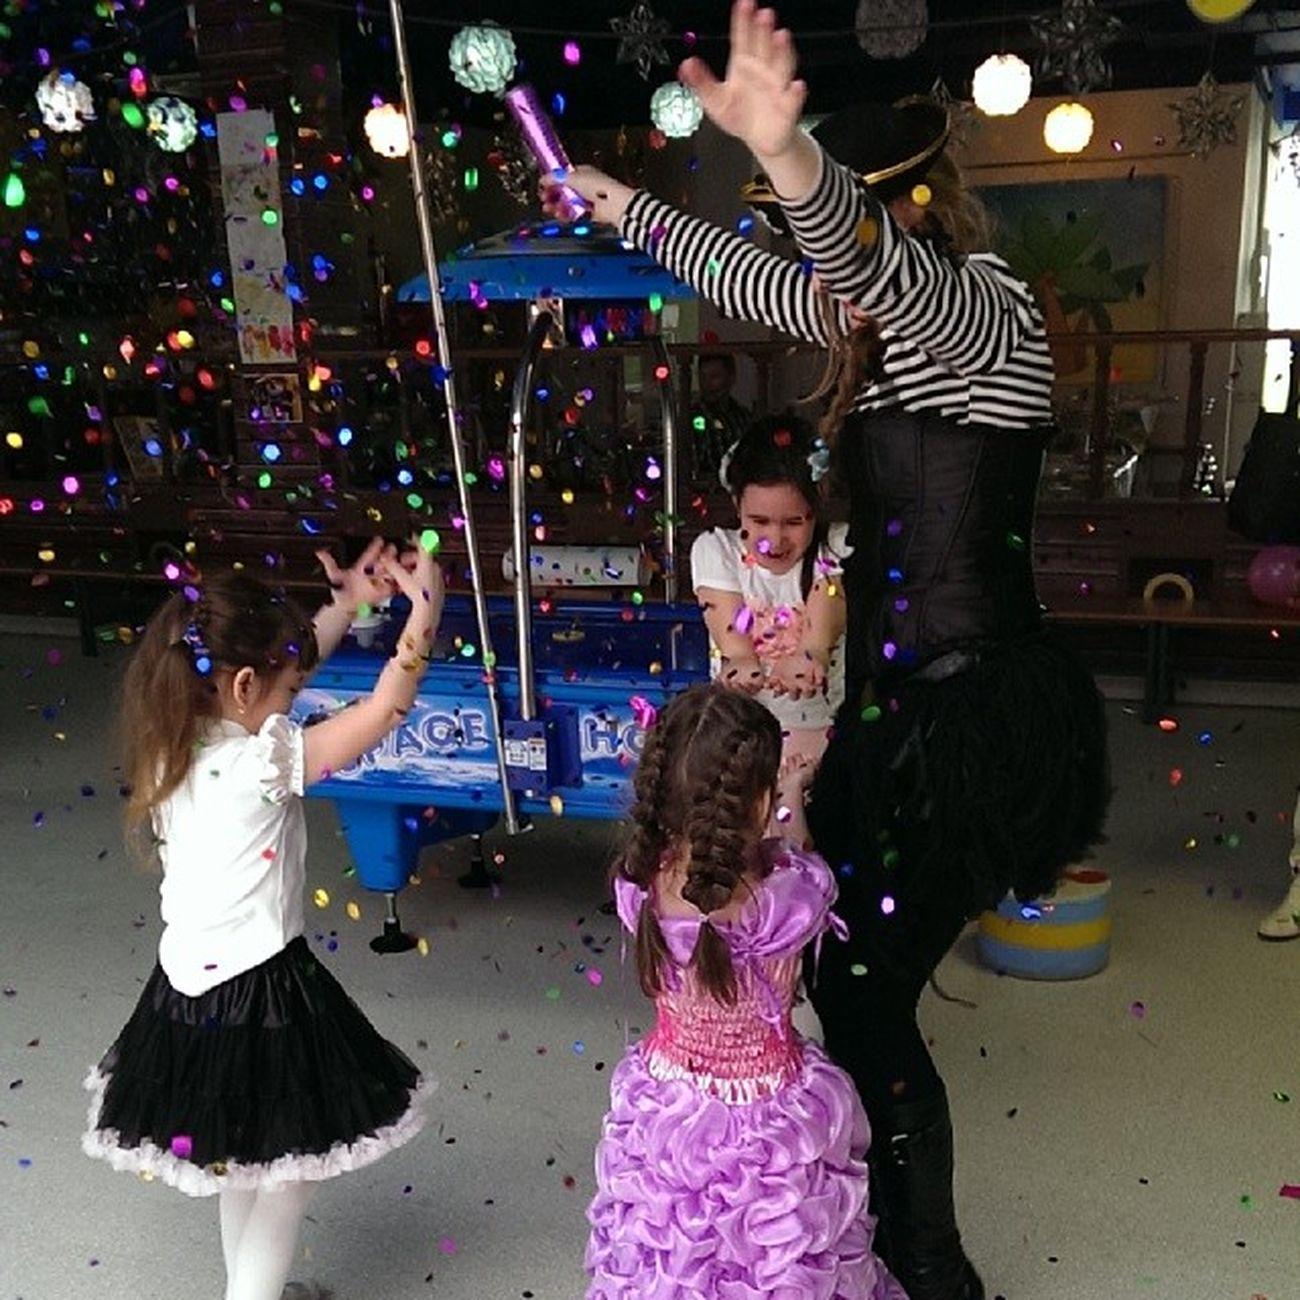 салют  конфети  праздник  радость дети деньрождения